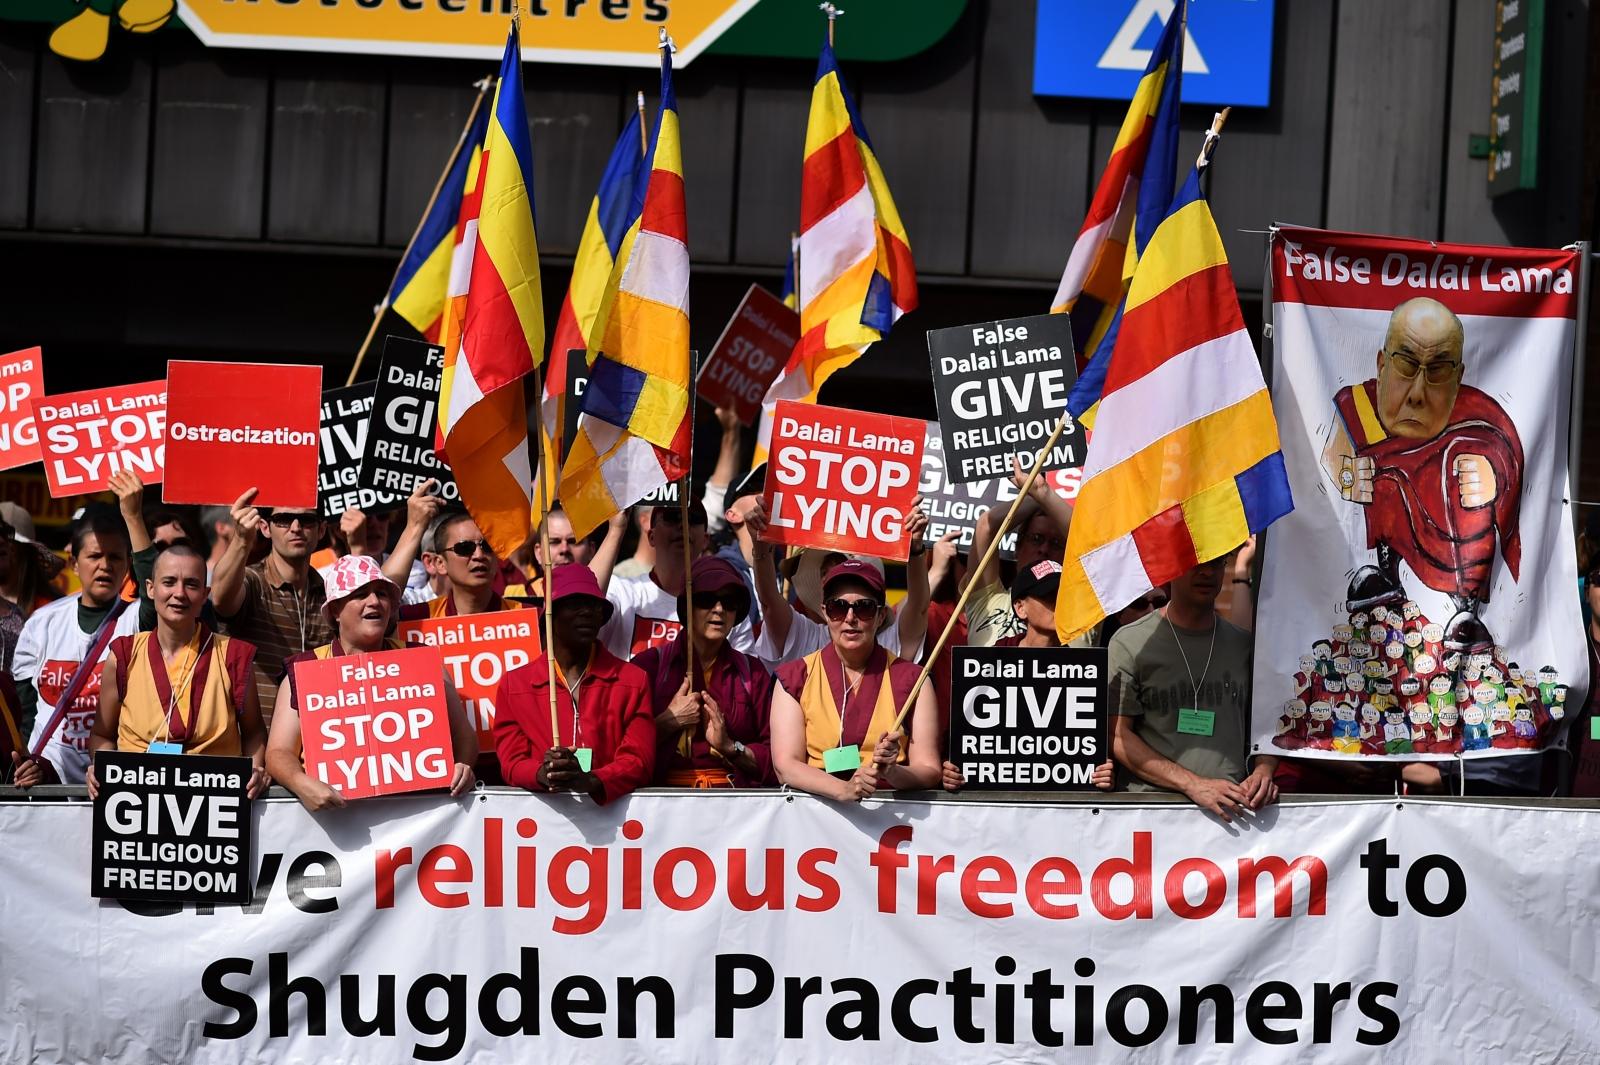 Dalai Lama protests